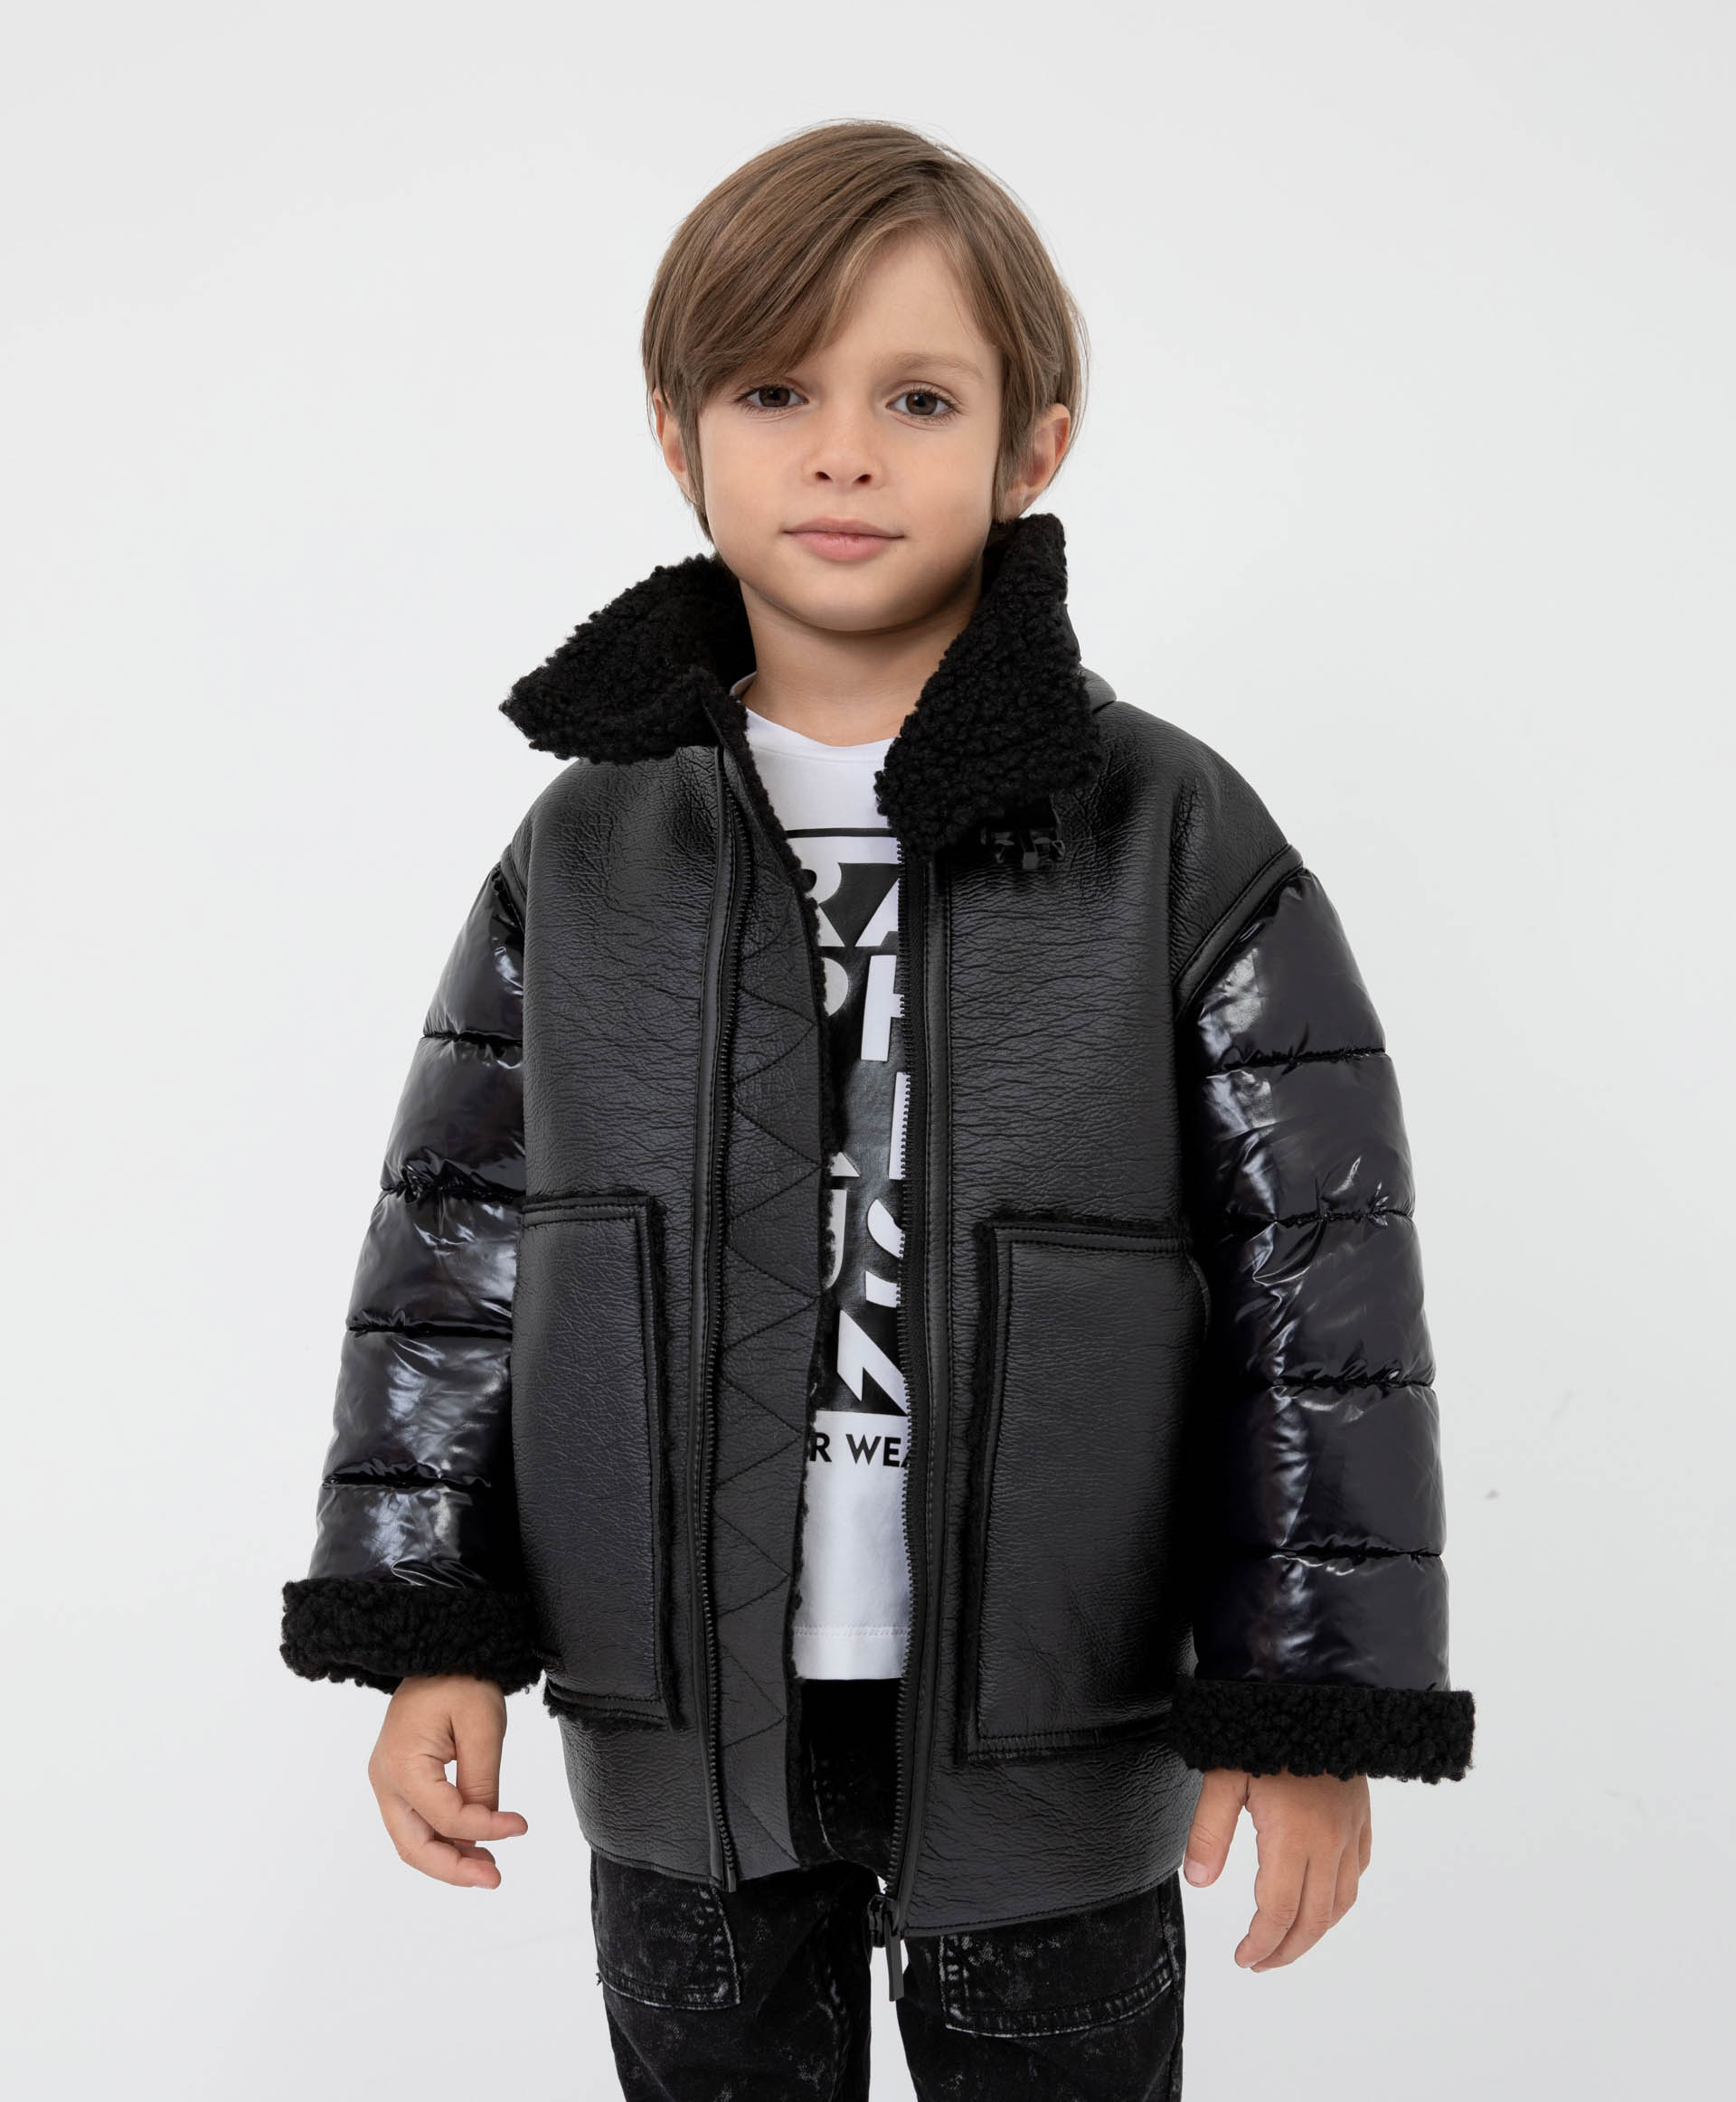 Купить 22105BMC4101, Куртка утепленная черная Gulliver, черный, 128, Полиамид, Мужской, Демисезон, ОСЕНЬ/ЗИМА 2021-2022 (shop: GulliverMarket Gulliver Market)